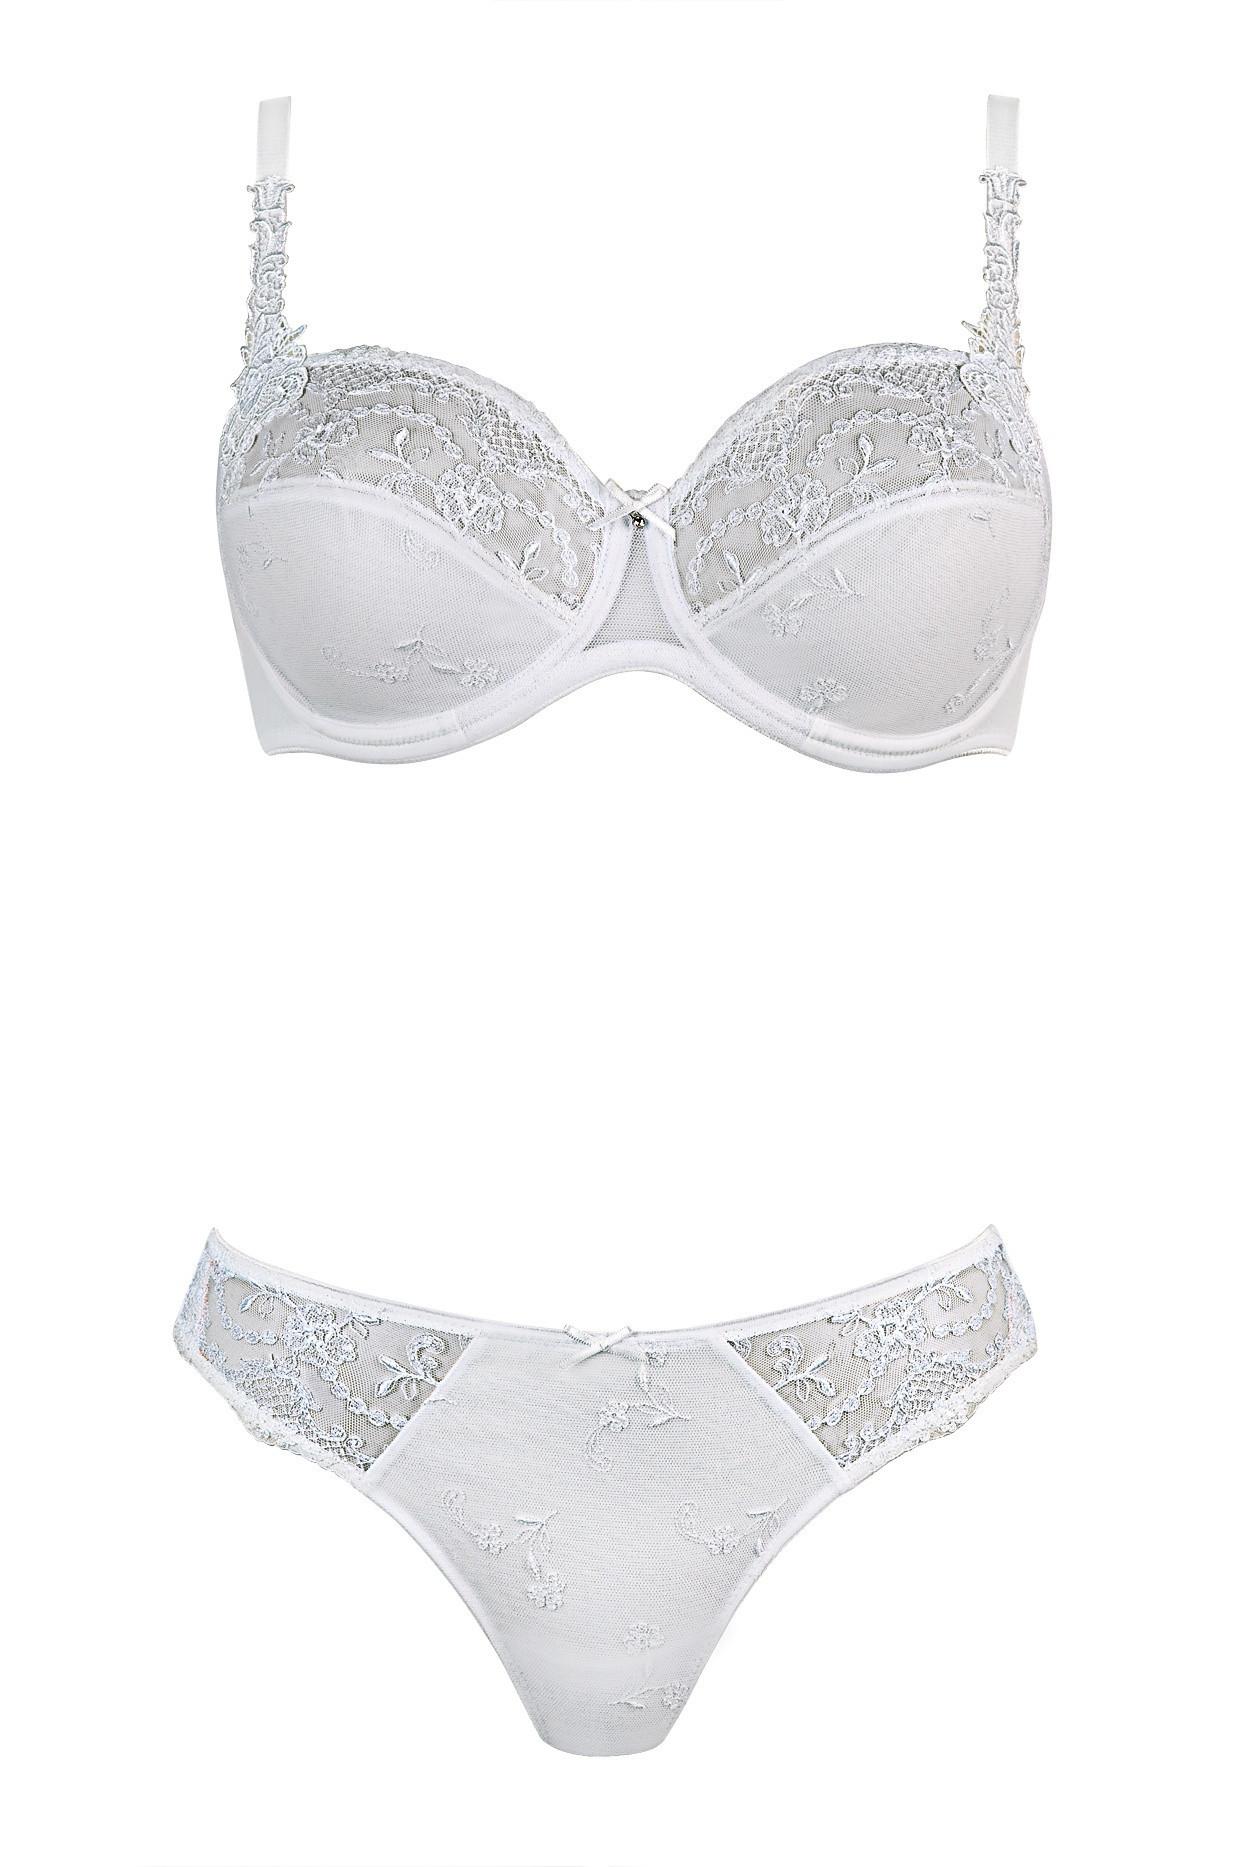 Podprsenka s kosticí 80516-Felina barva: bílá, velikost: 85G